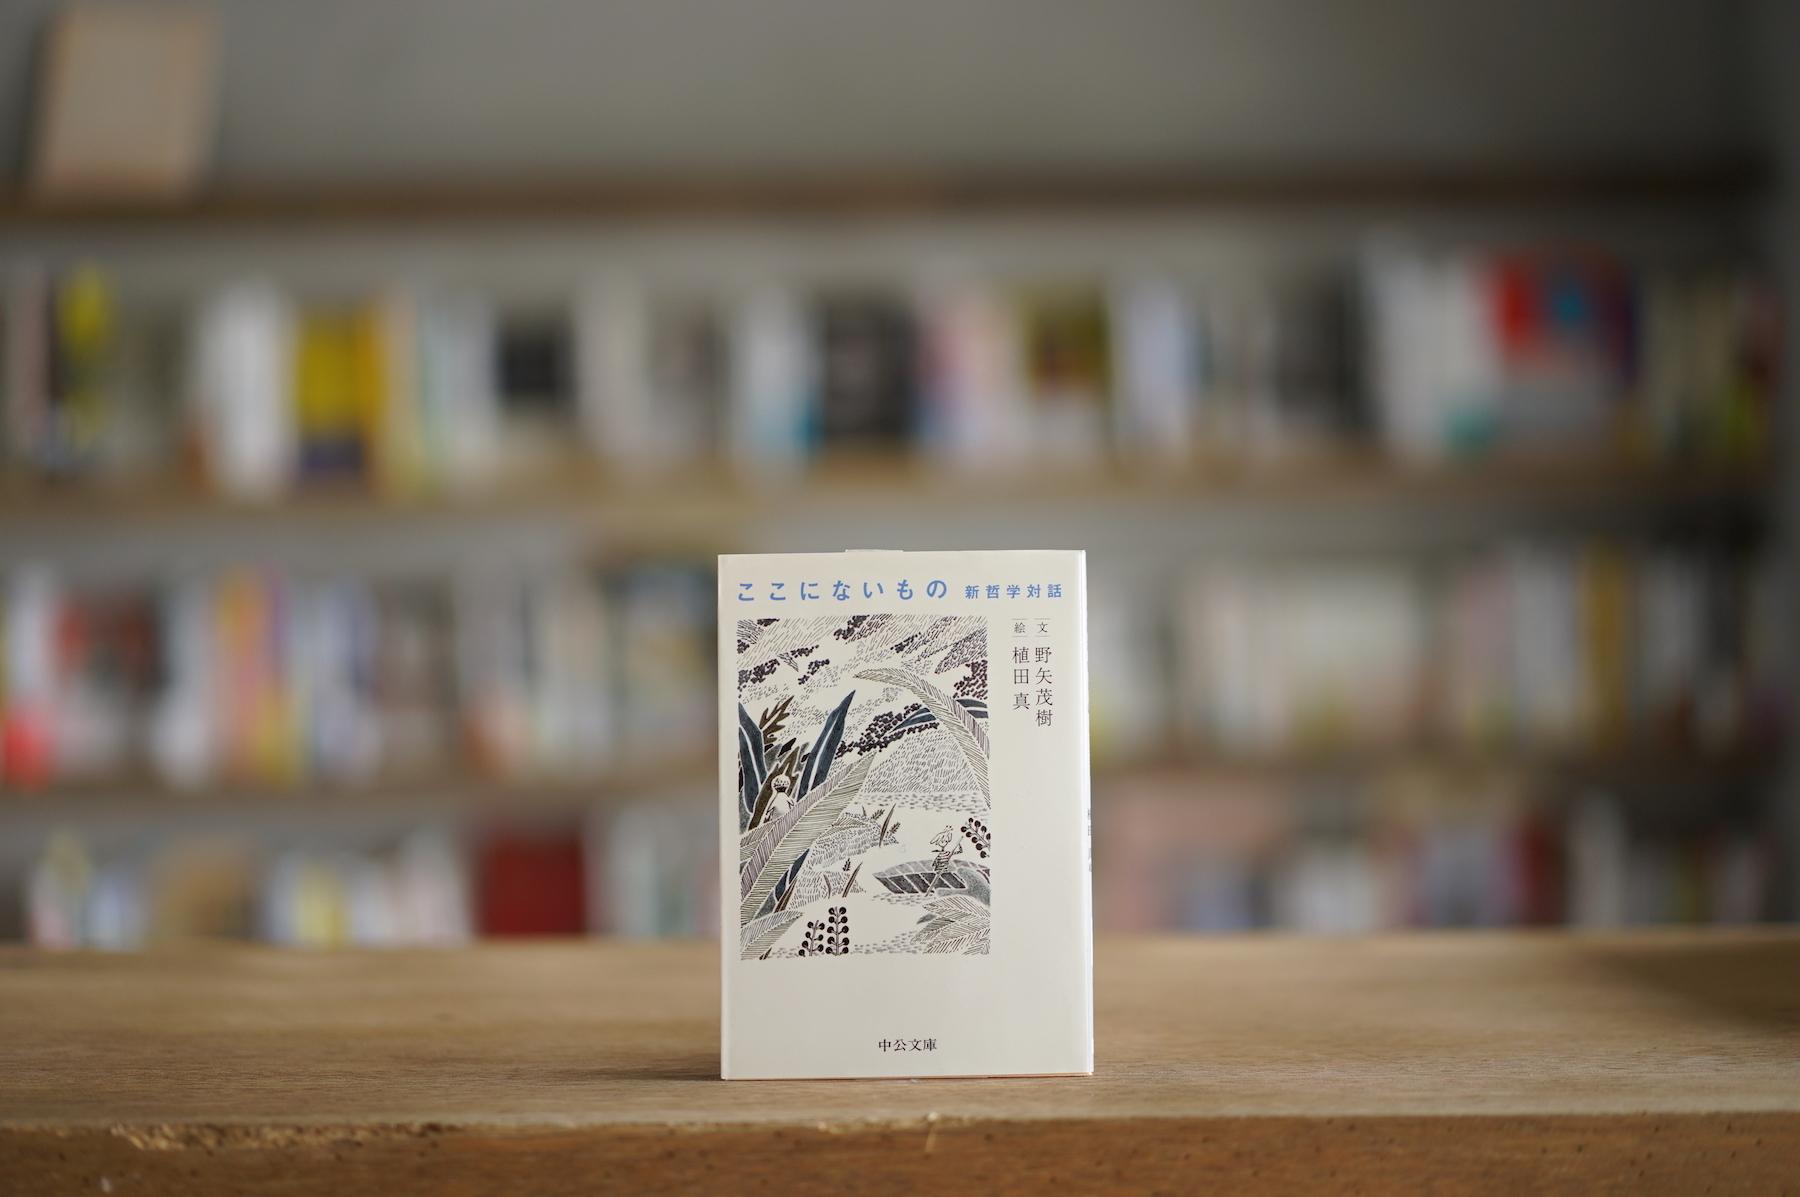 文:野矢茂樹、絵:植田真 『ここにないもの 新哲学対話』 (中央公論新社、2014)